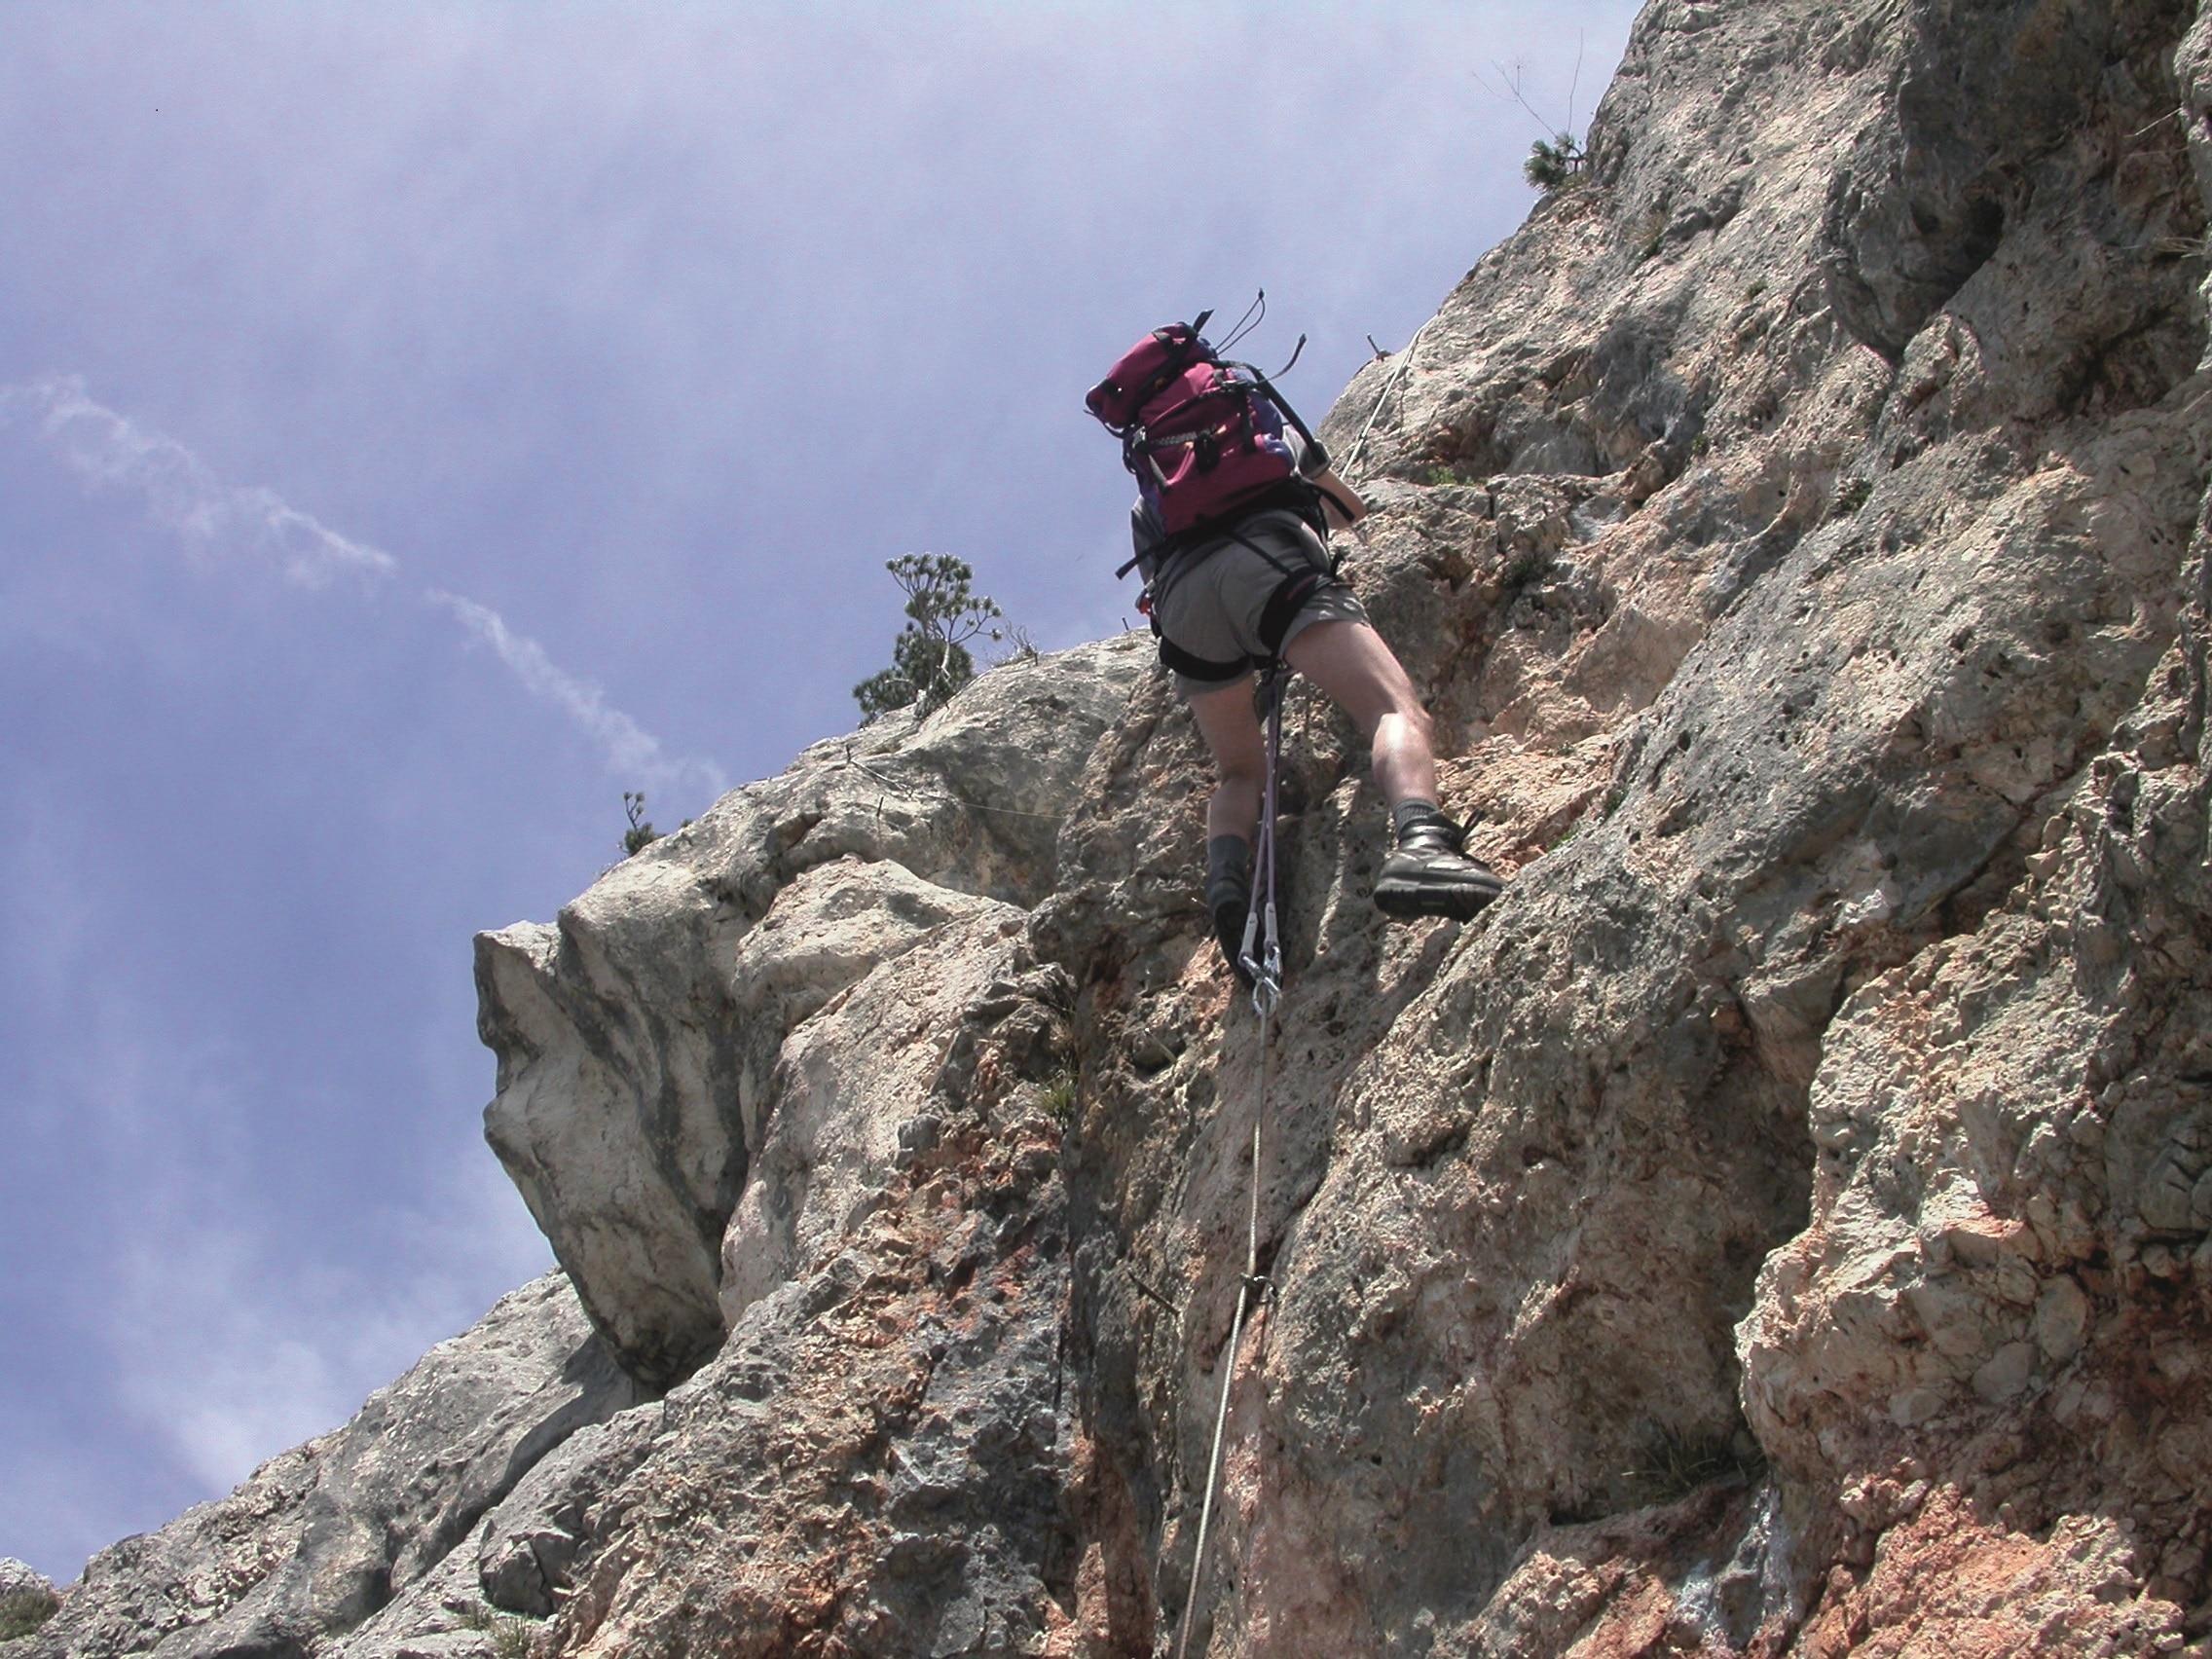 Klettersteig Katrin : Salzkammergut bad ischl katrin klettersteig sign entwurf planung